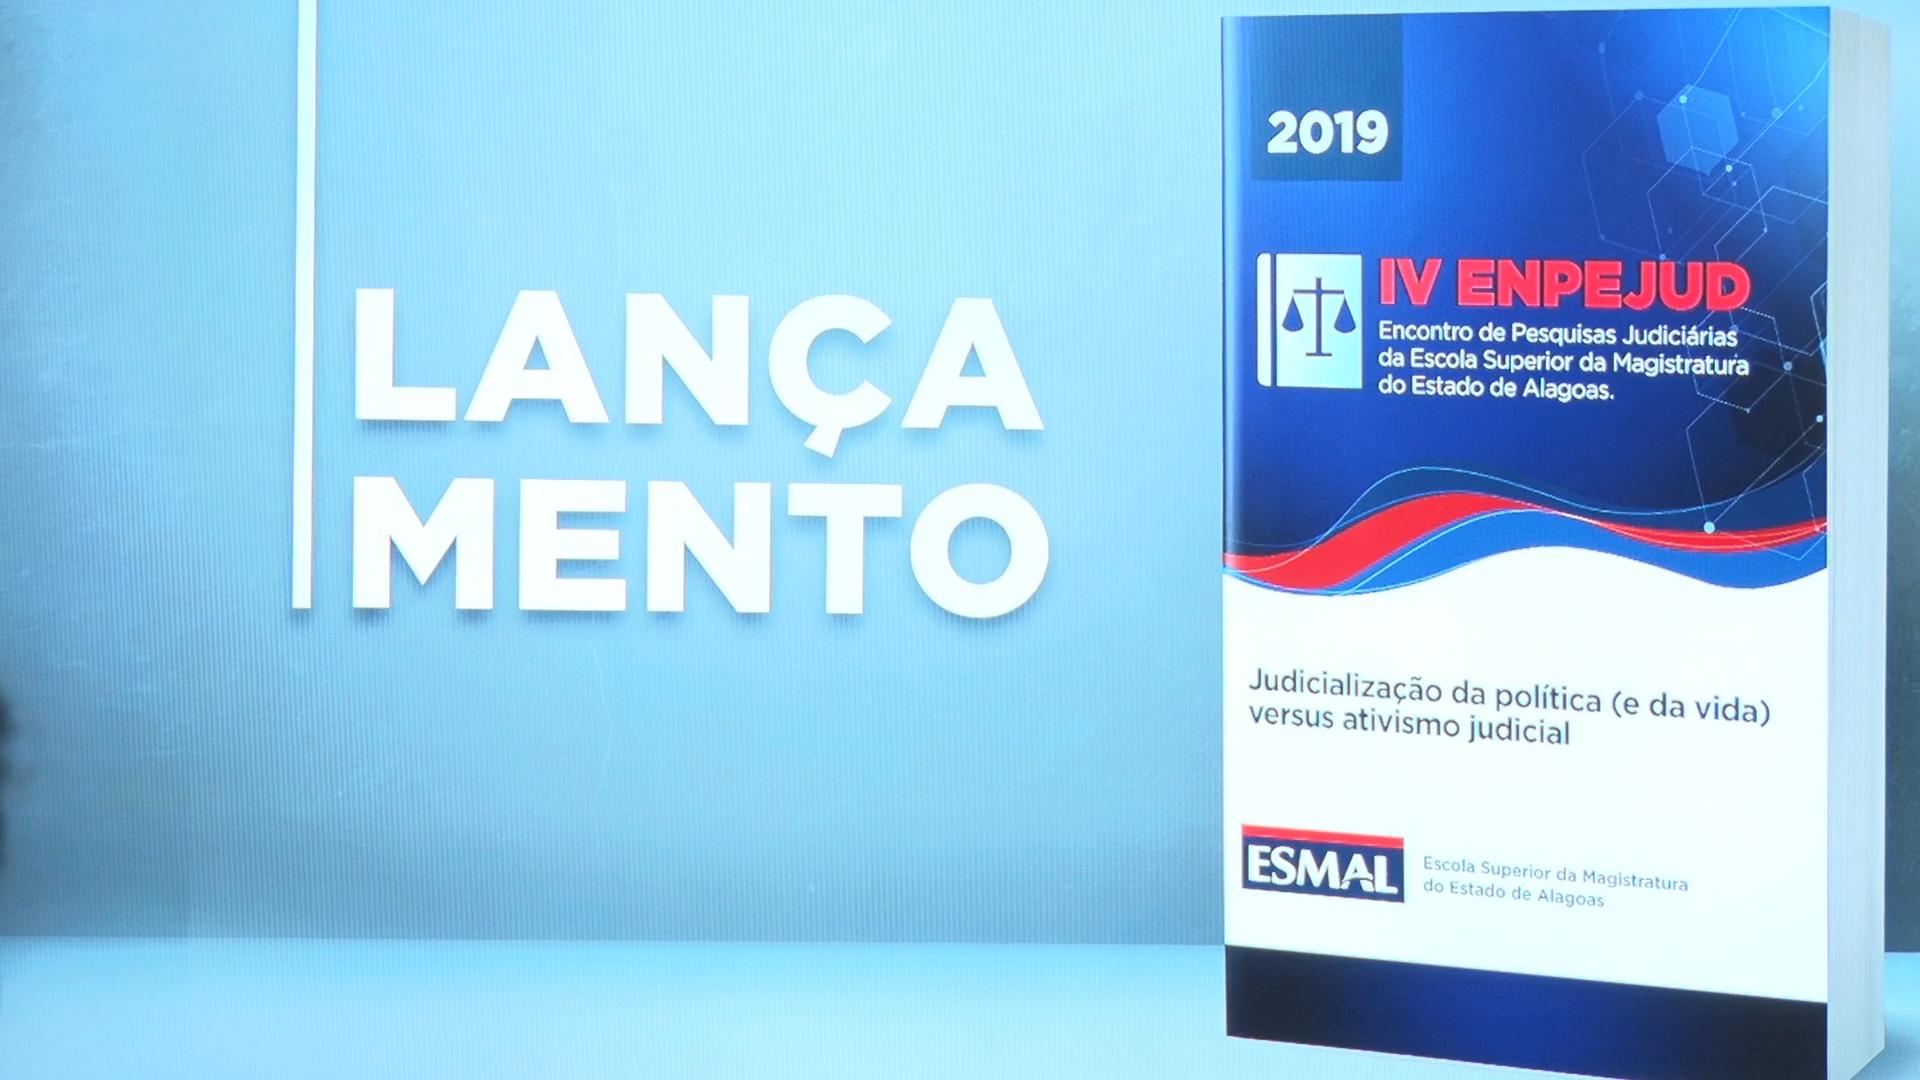 Esmal lança anais do IV Enpejud na 9ª Bienal do Livro de Alagoas